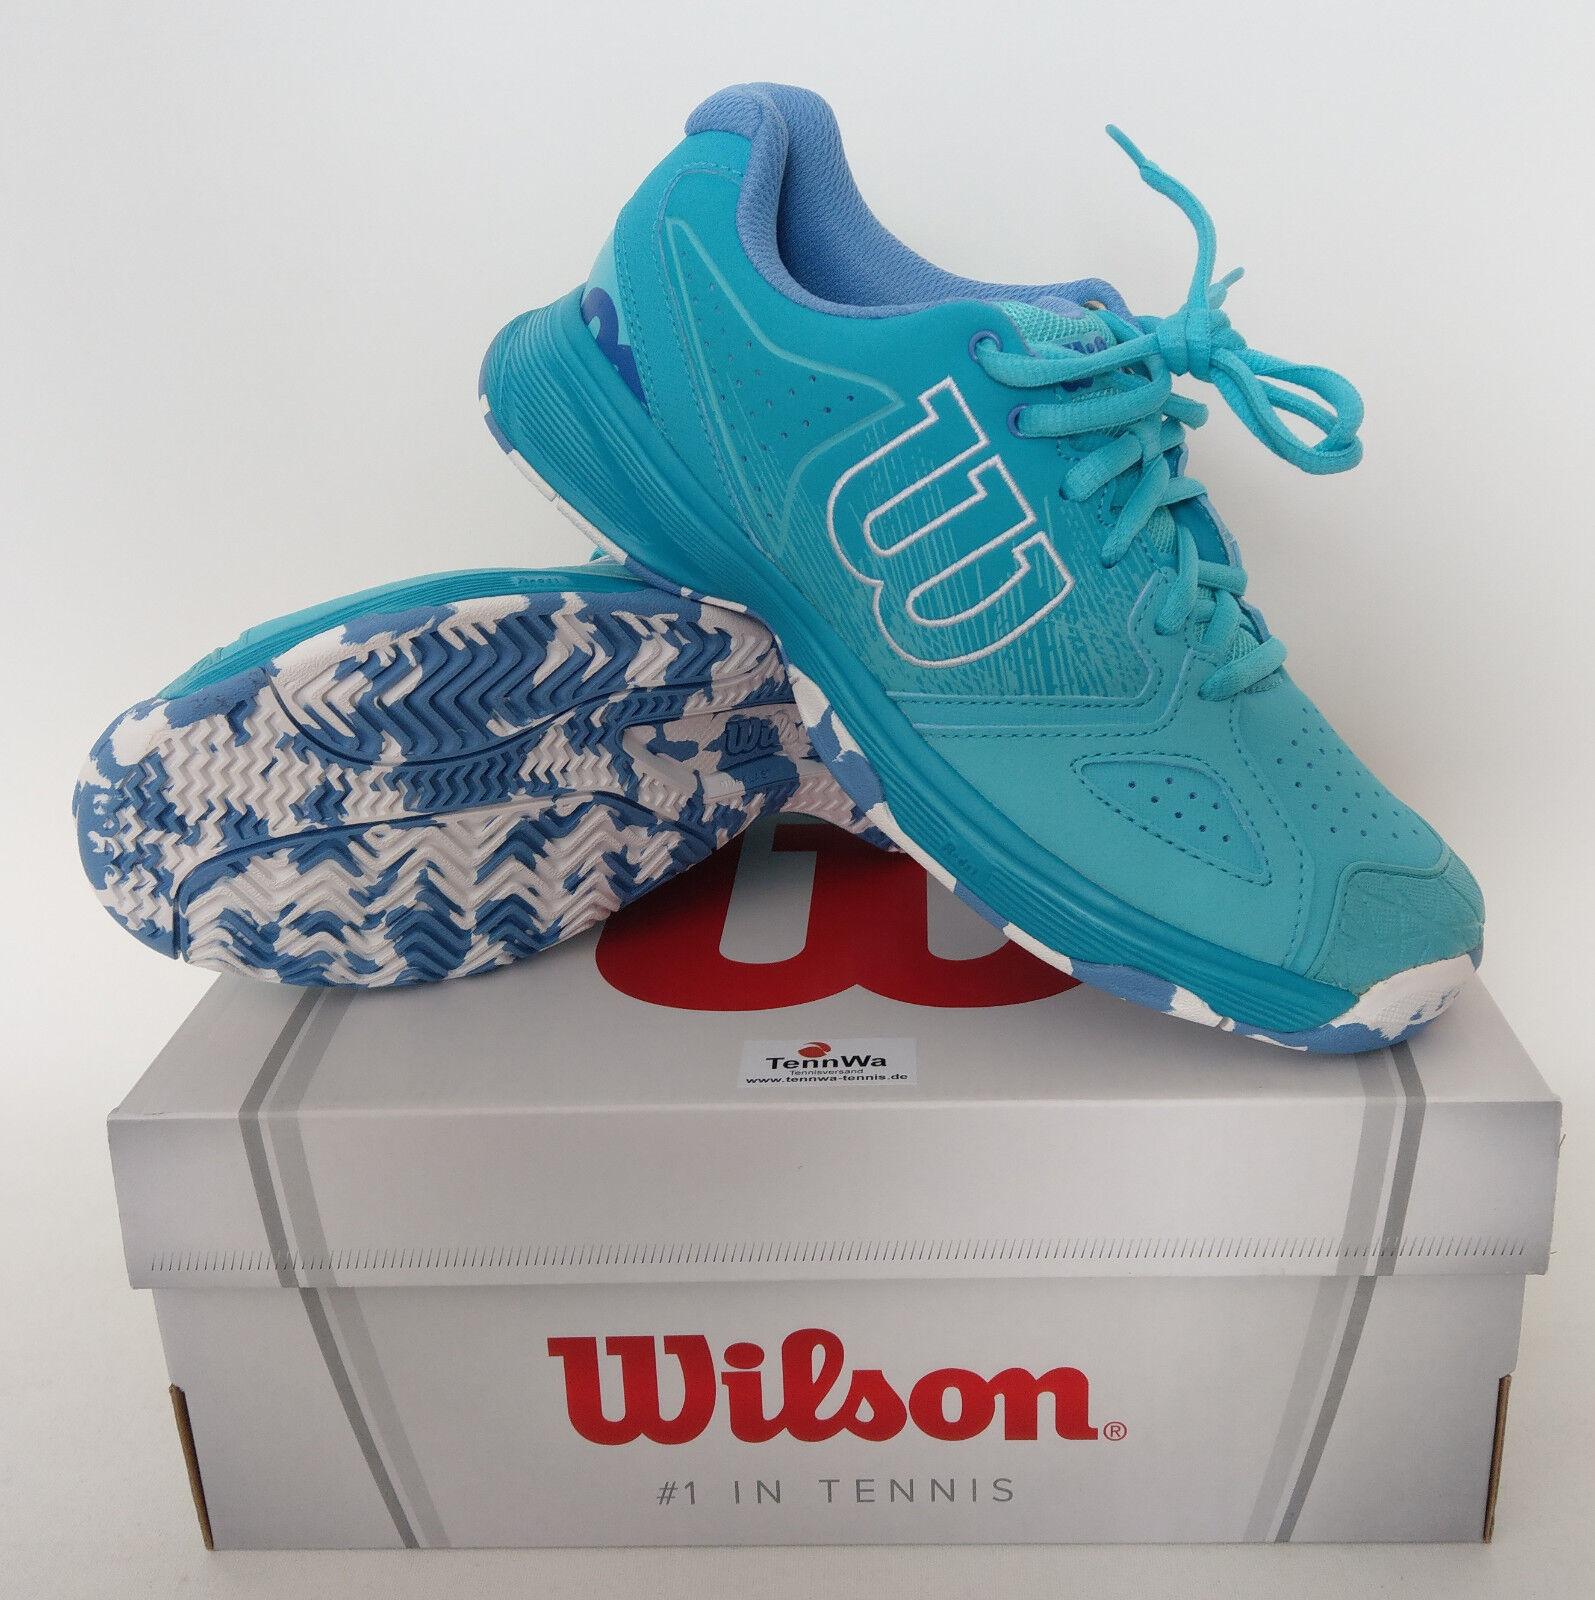 NEU: Damen Tennisschuhe WILSON KAOS Devo curacaoblue - super schick, statt 80€*